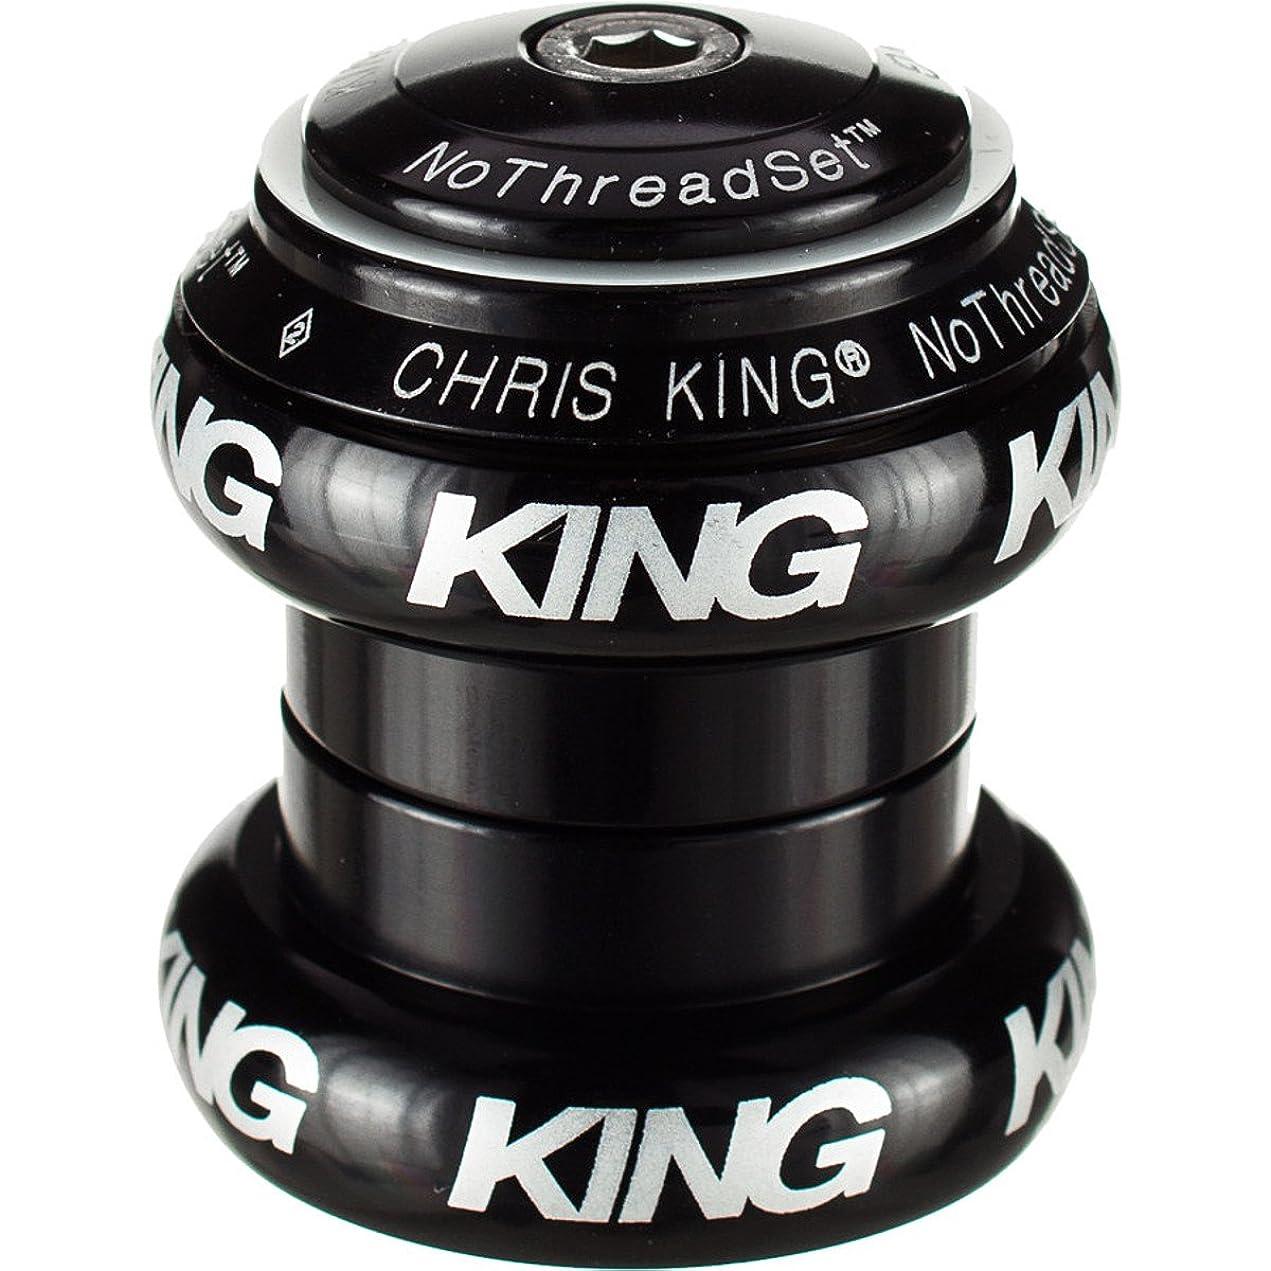 反抗阻害するフィラデルフィアクリスキング(Chris King) 1-1/8 NTS GL BOLD BLK(NothreadSet白ロゴ) FB0044 ブラック 1-1/8